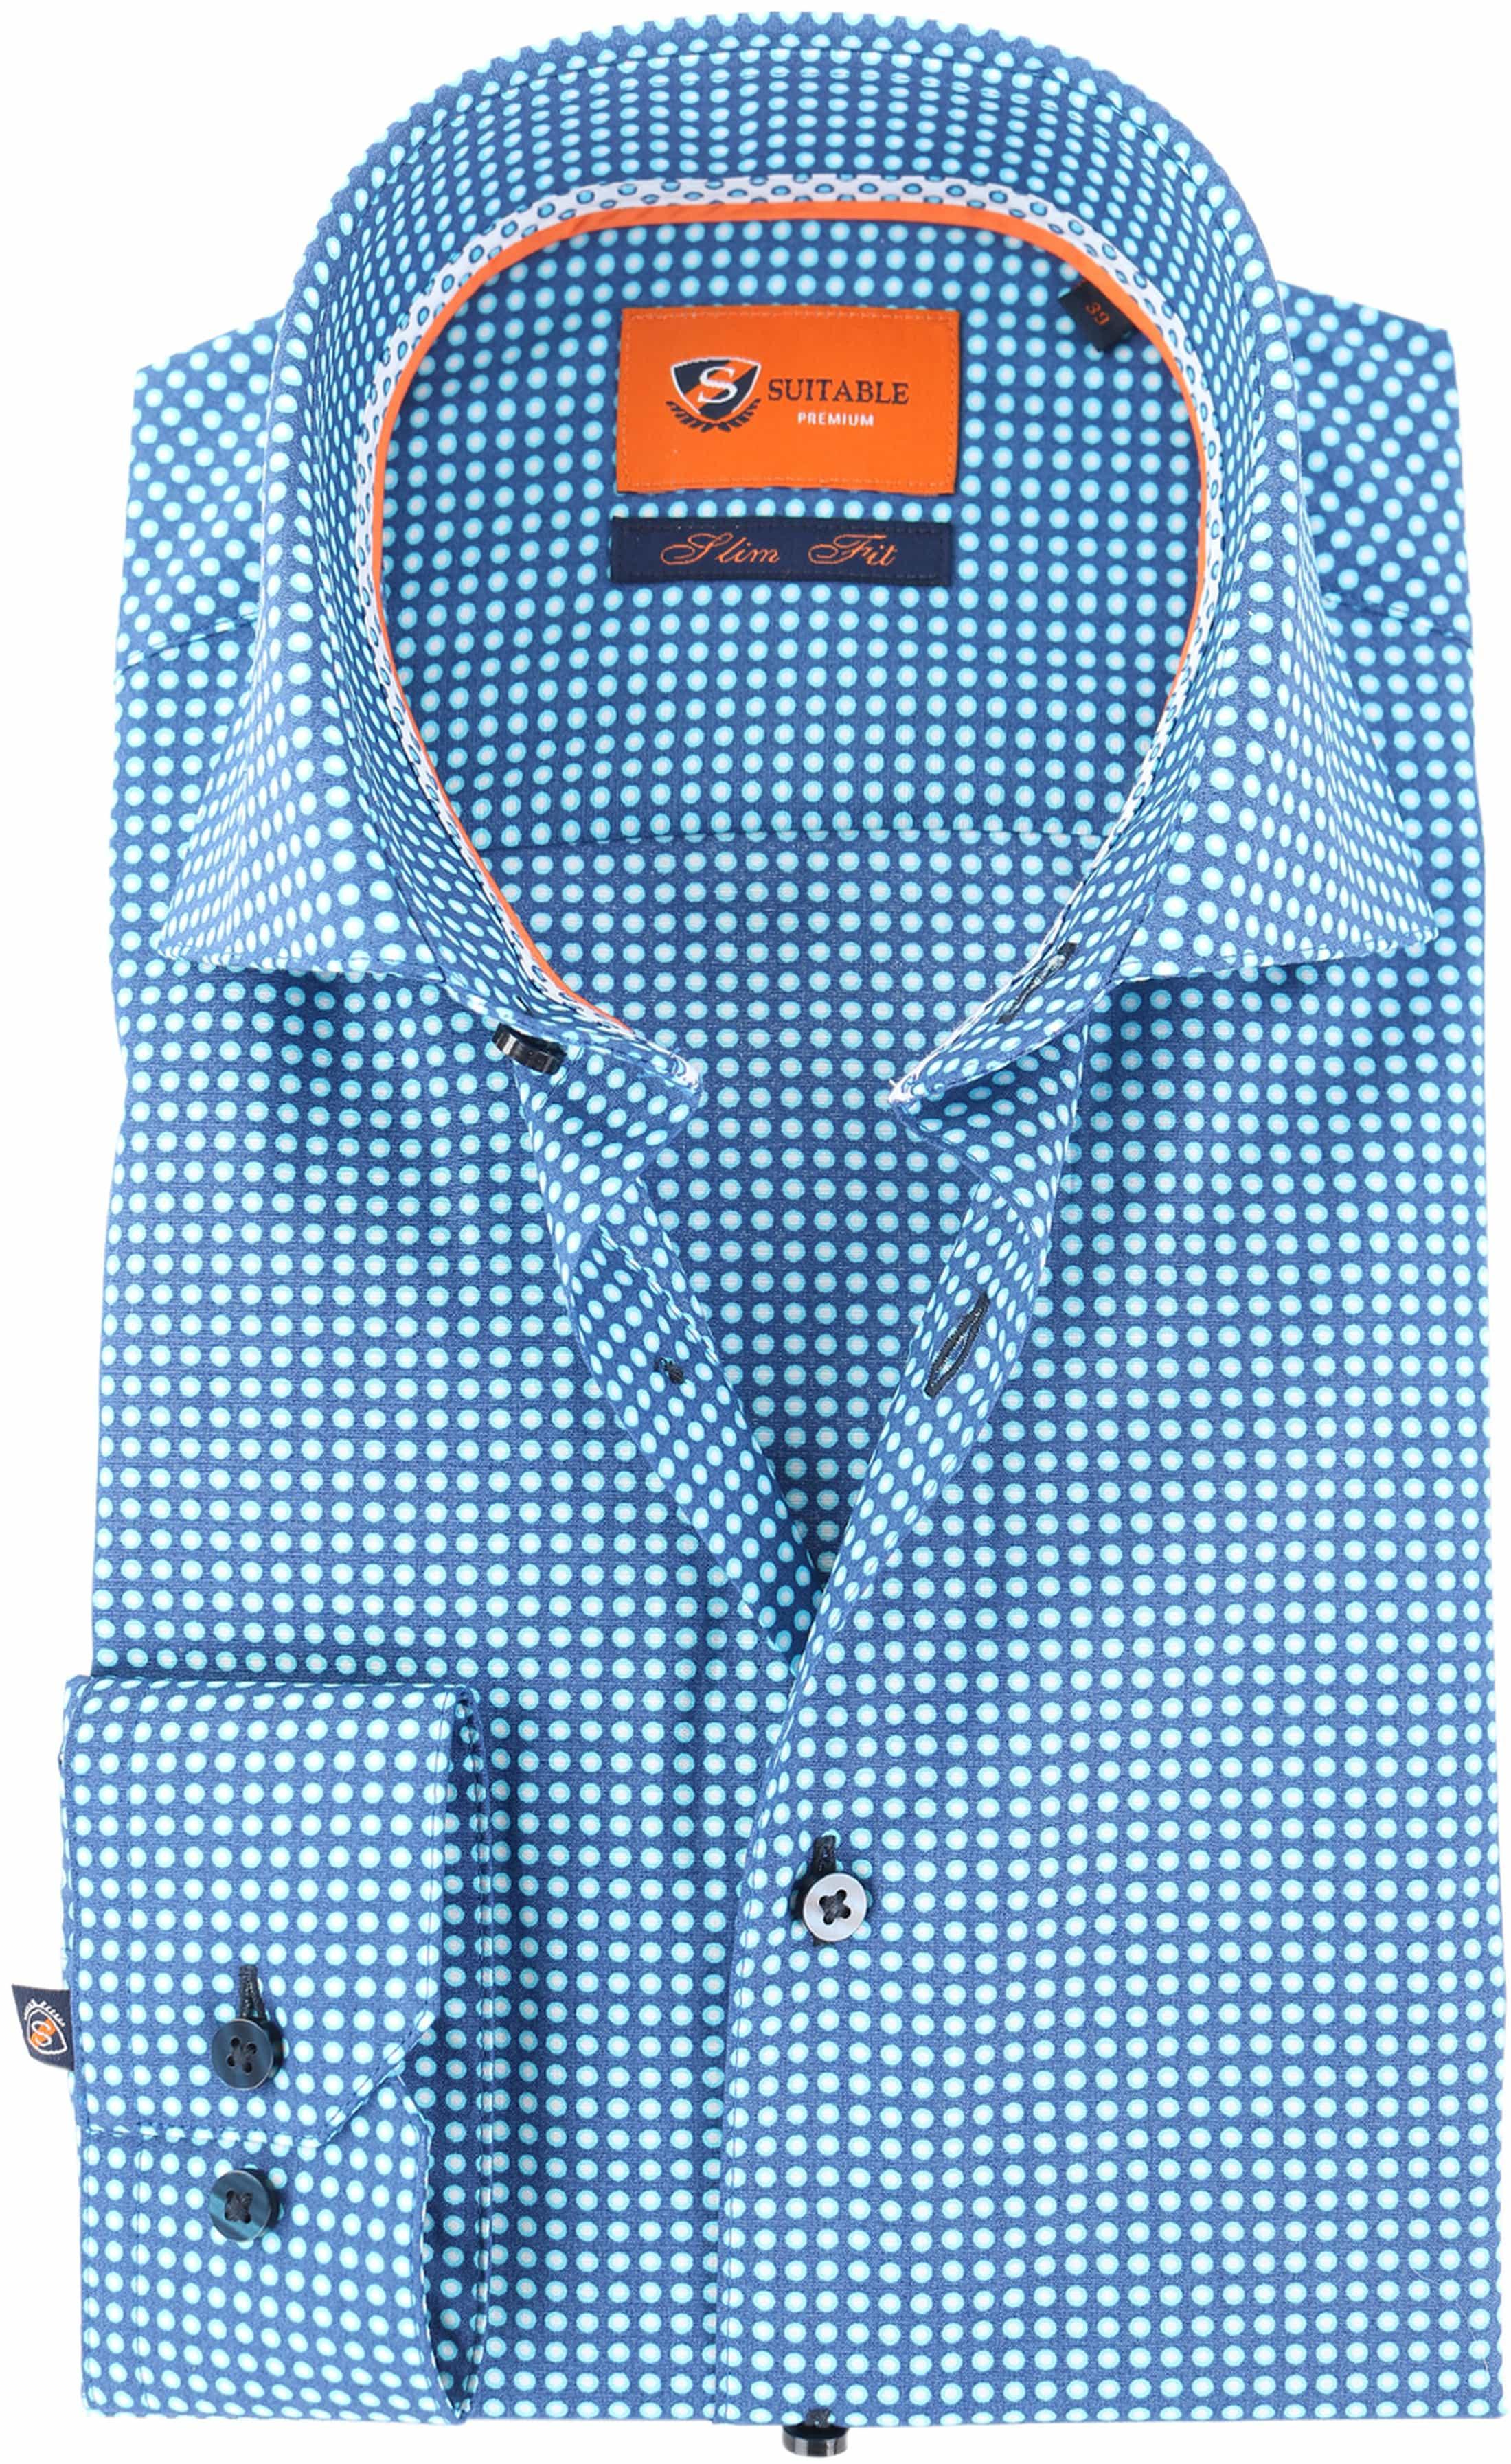 Suitable Overhemd Blauw Print D71-18 foto 0